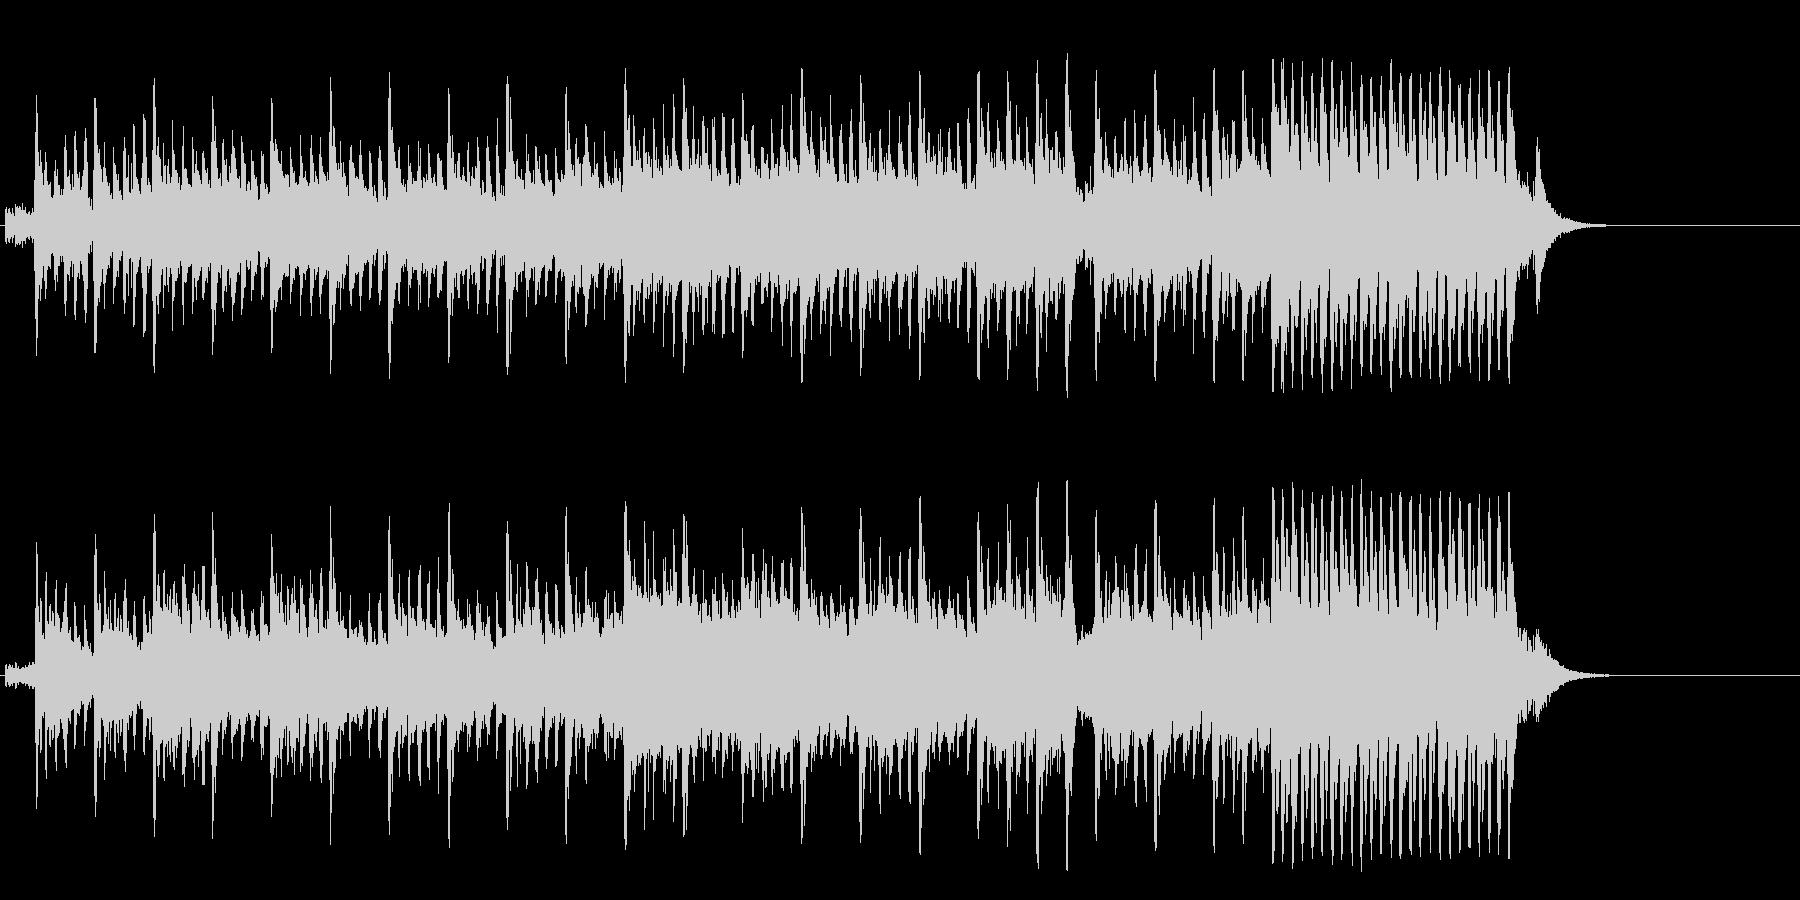 メリーゴーランドの様に夢溢れるポップの未再生の波形